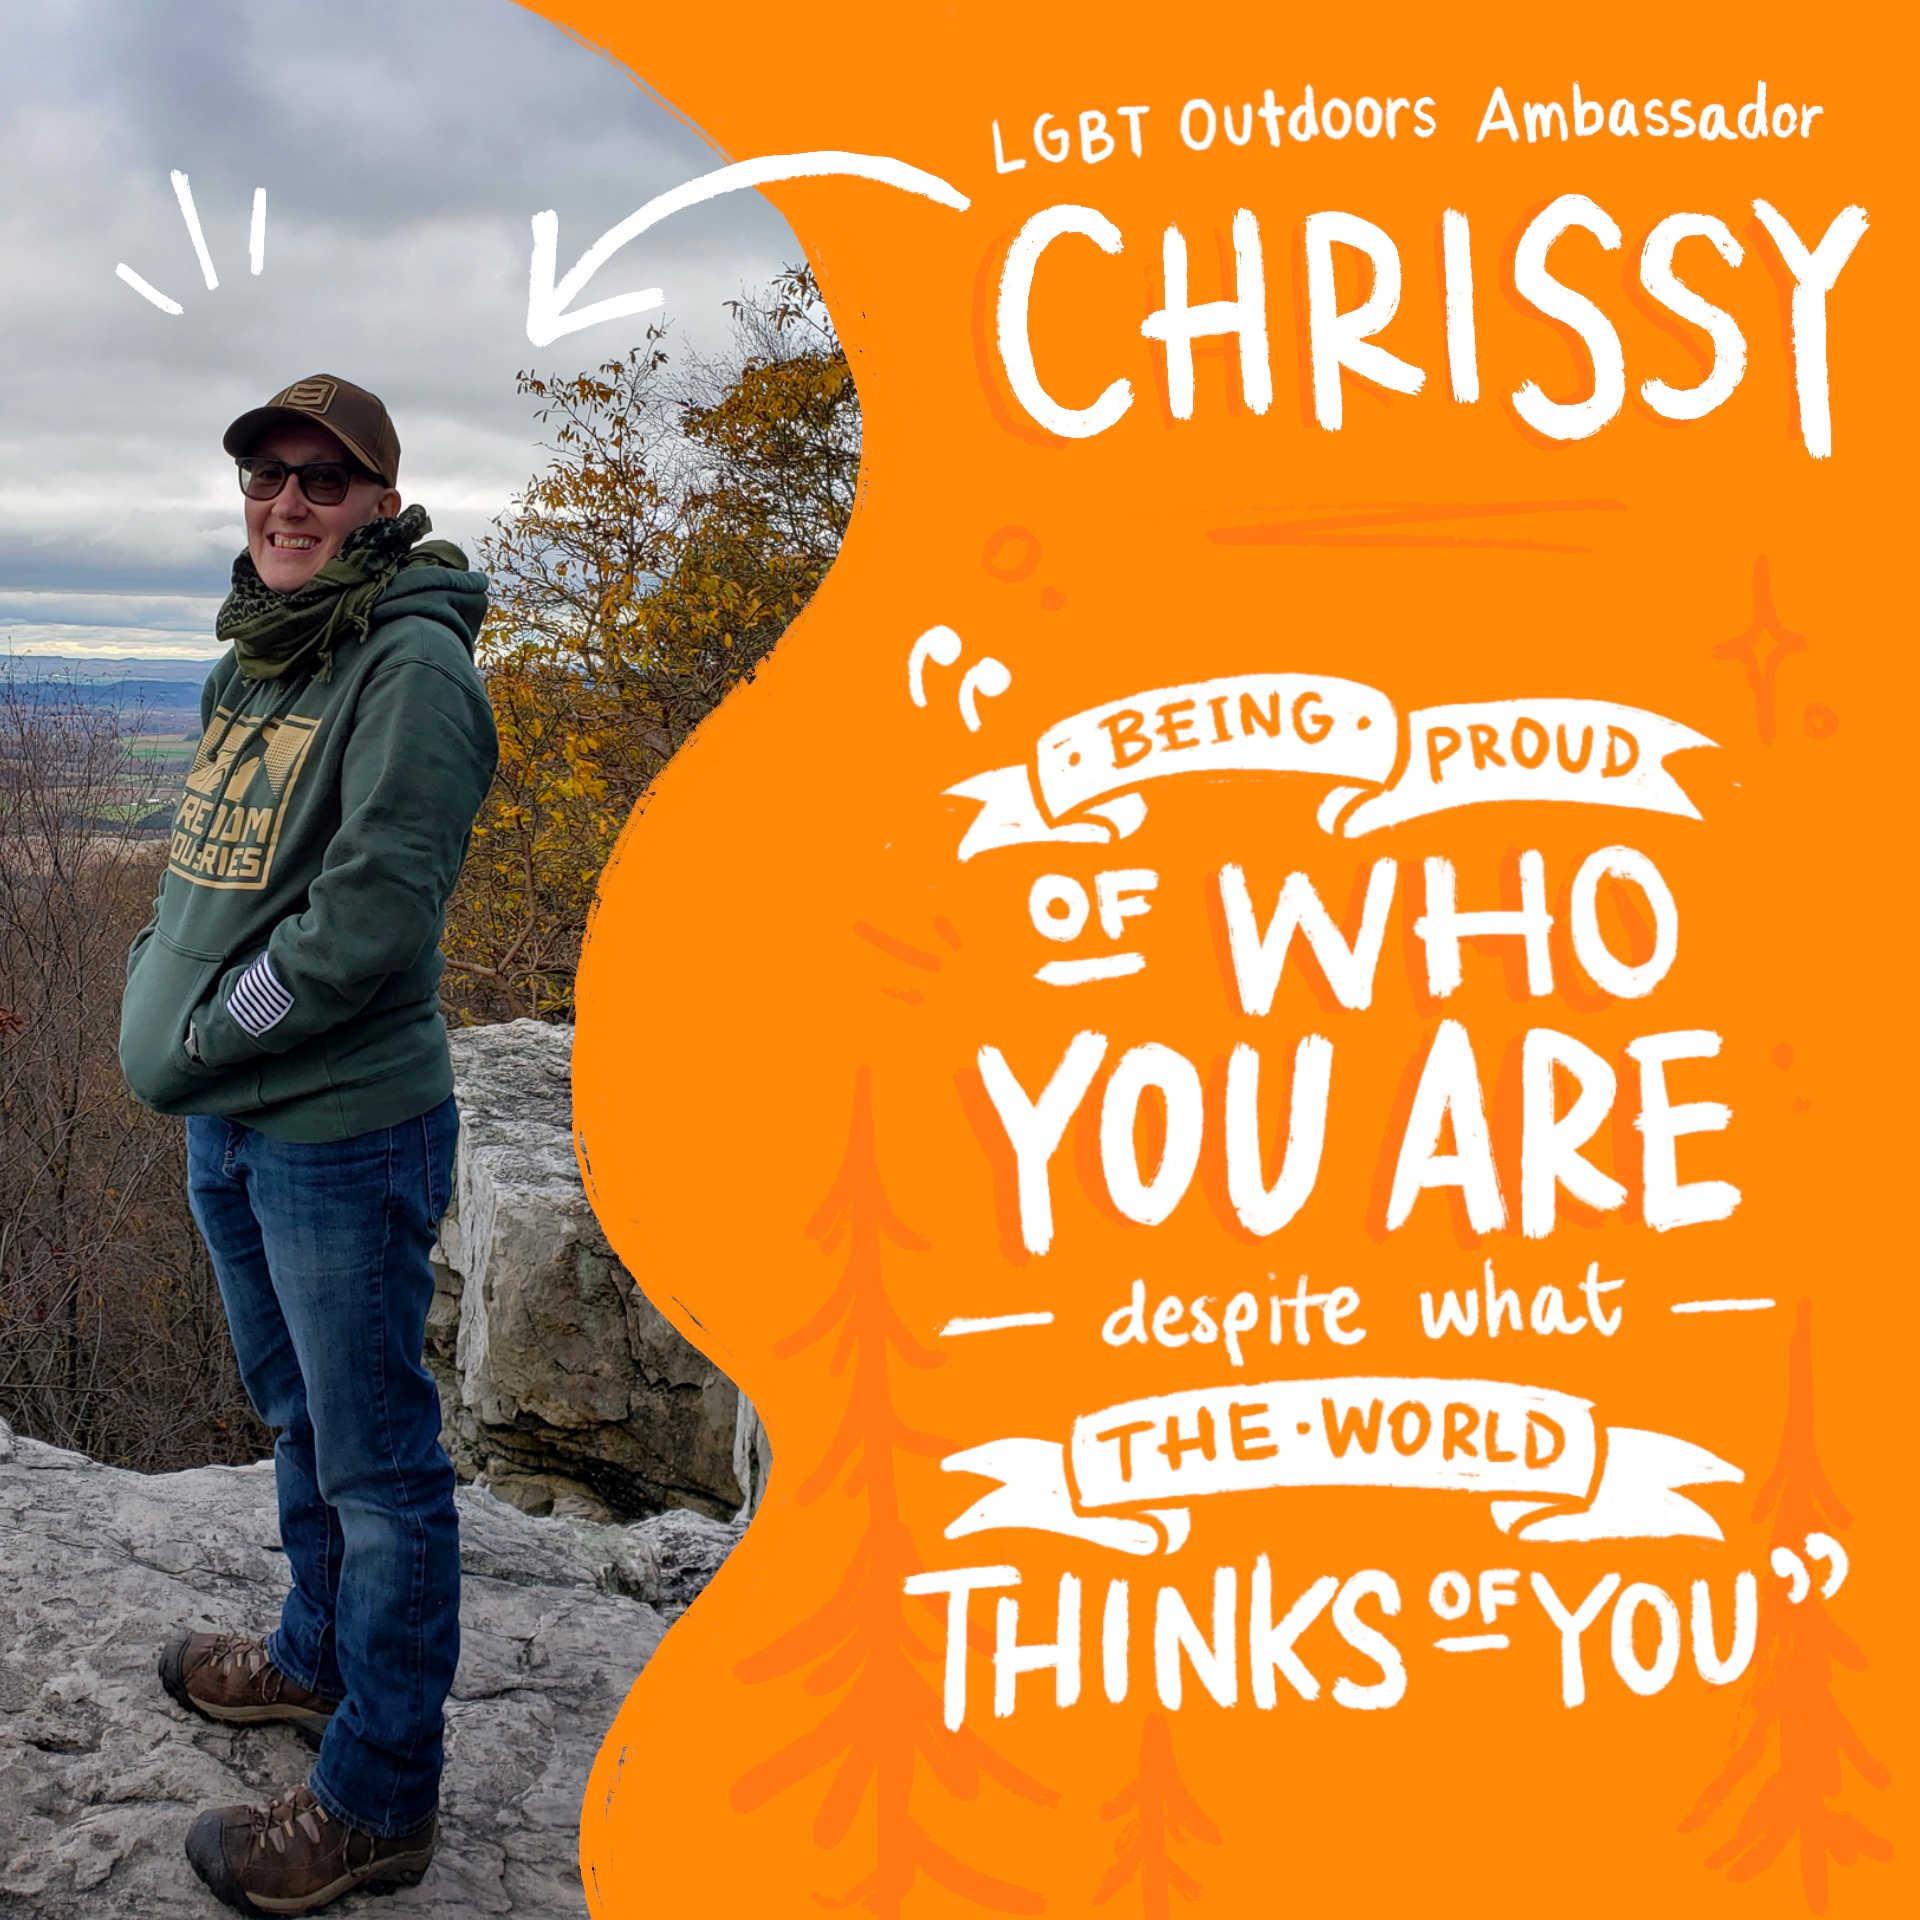 Meet LGBT Outdoors Ambassador Chrissy